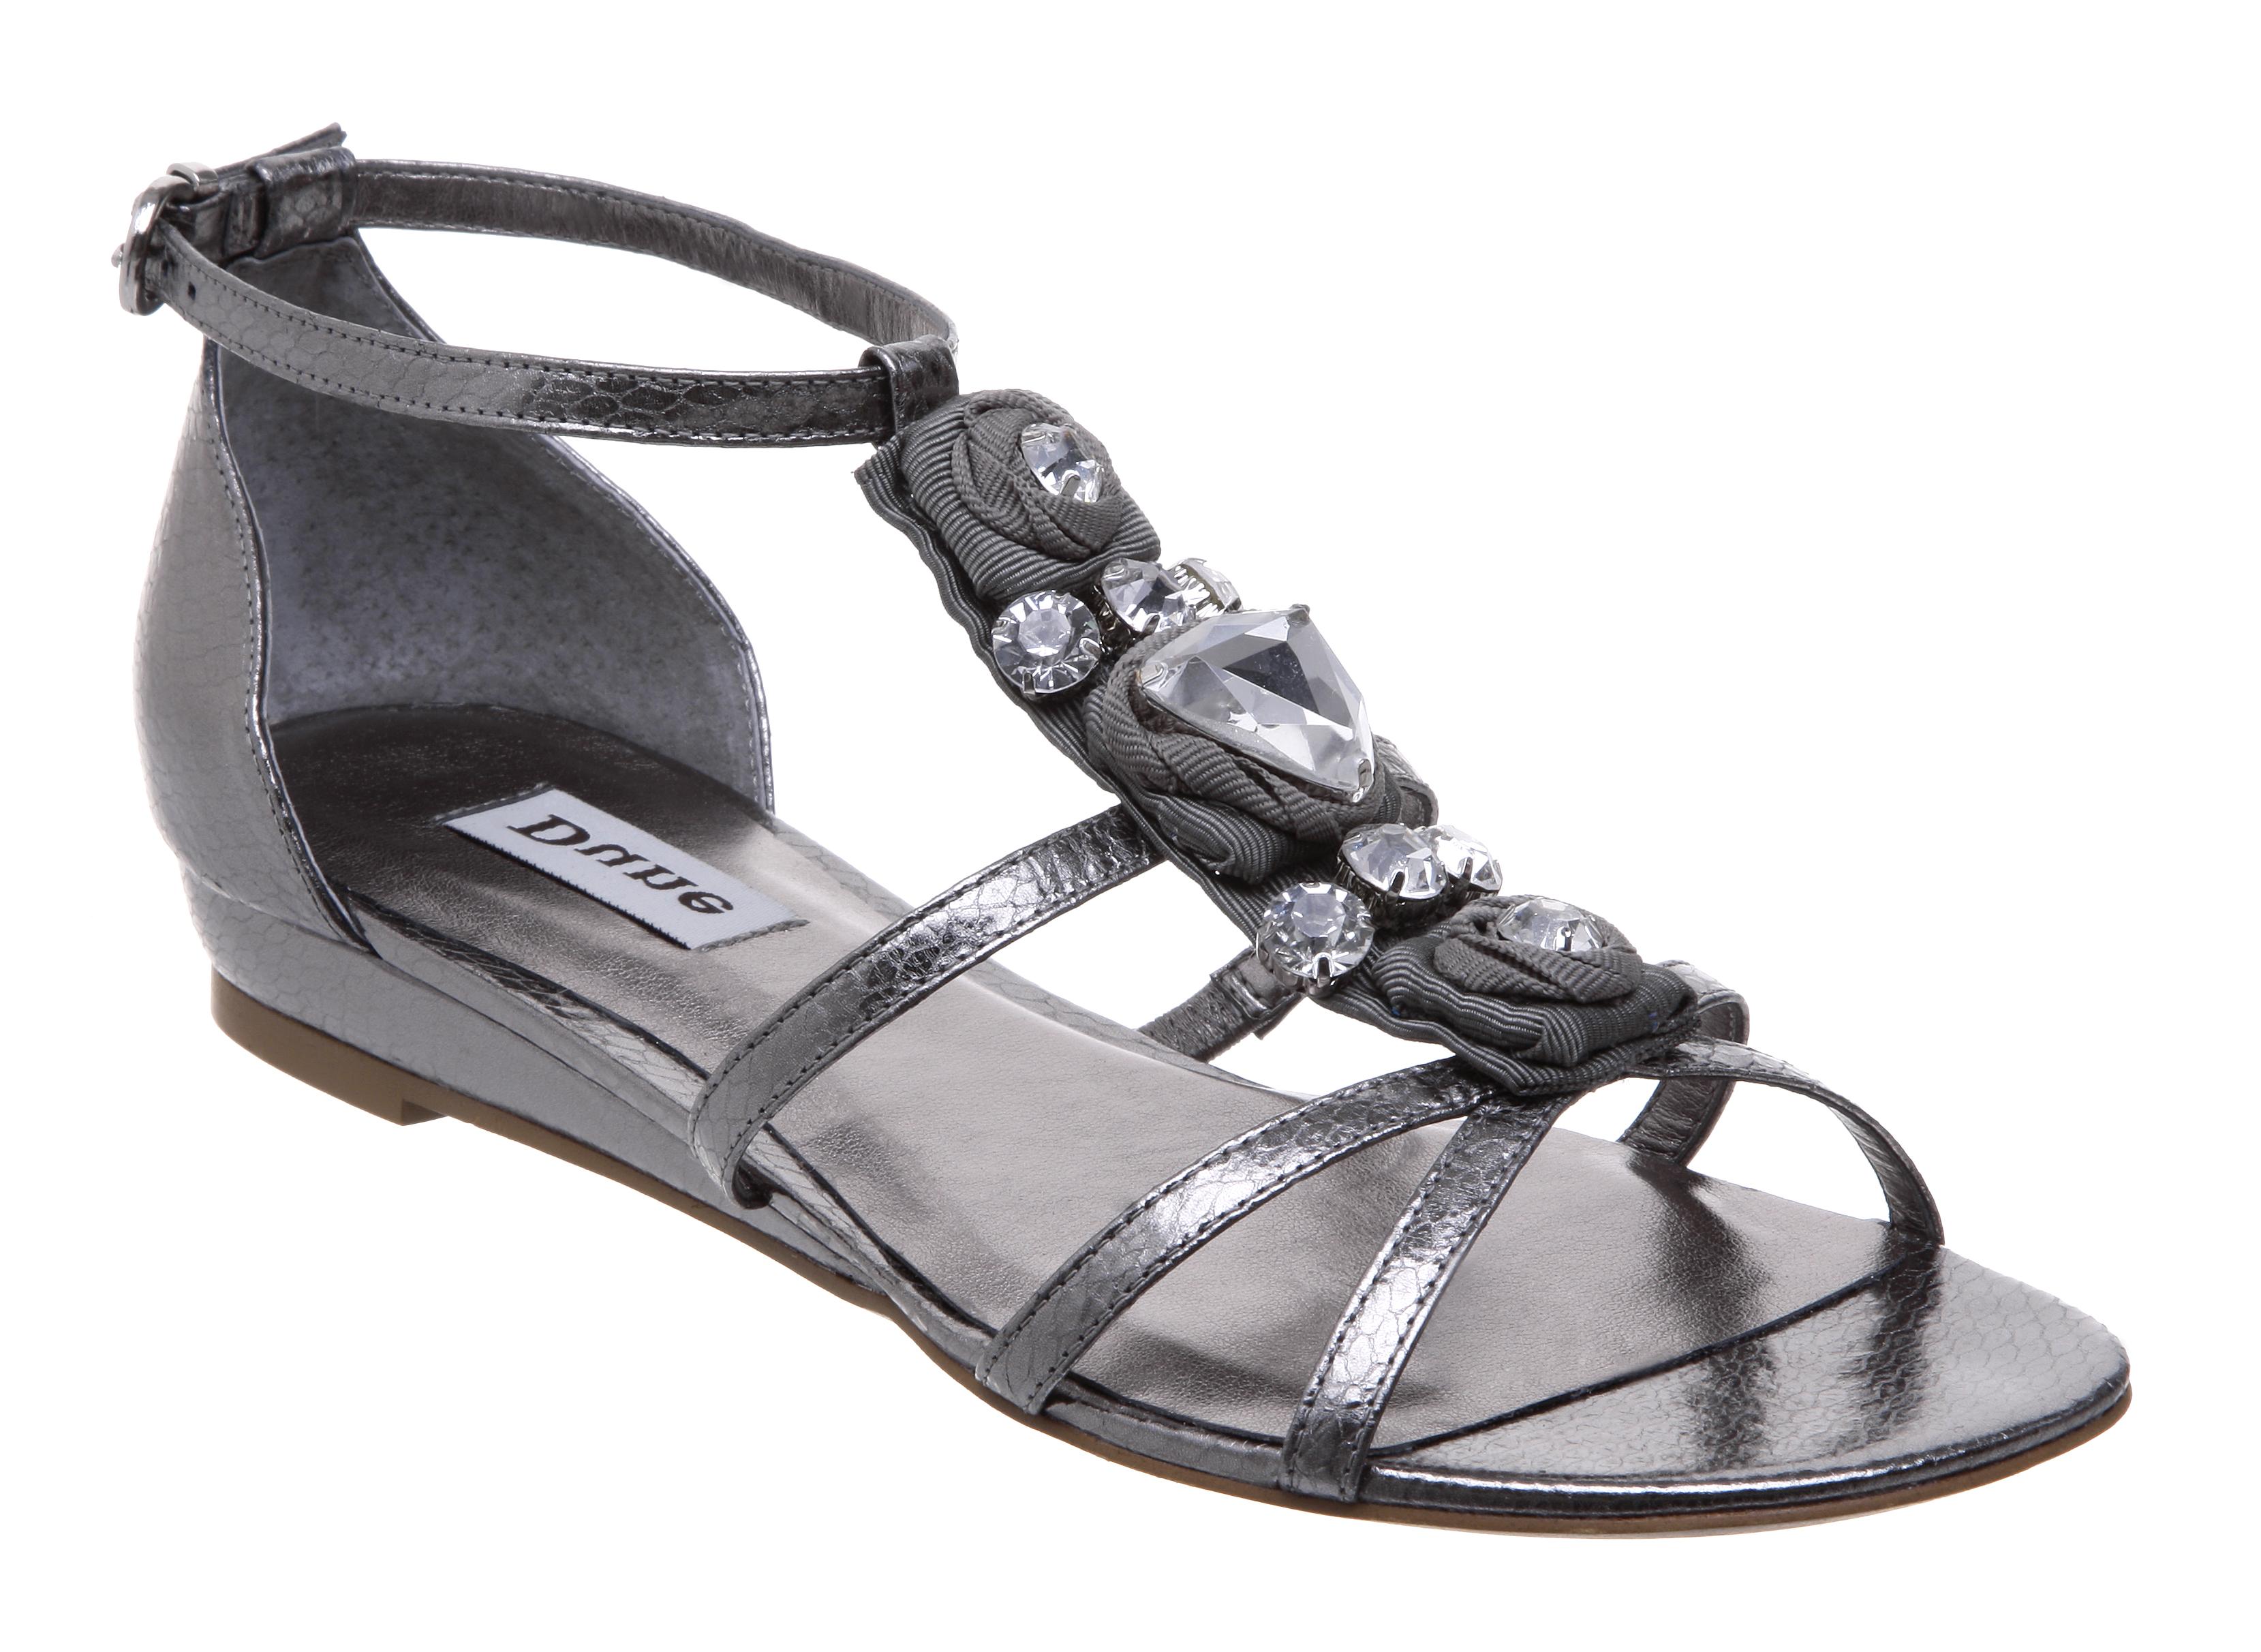 1a7438186f Clothes, Shoes Accessories Women's Shoes Sandals Beach Shoes